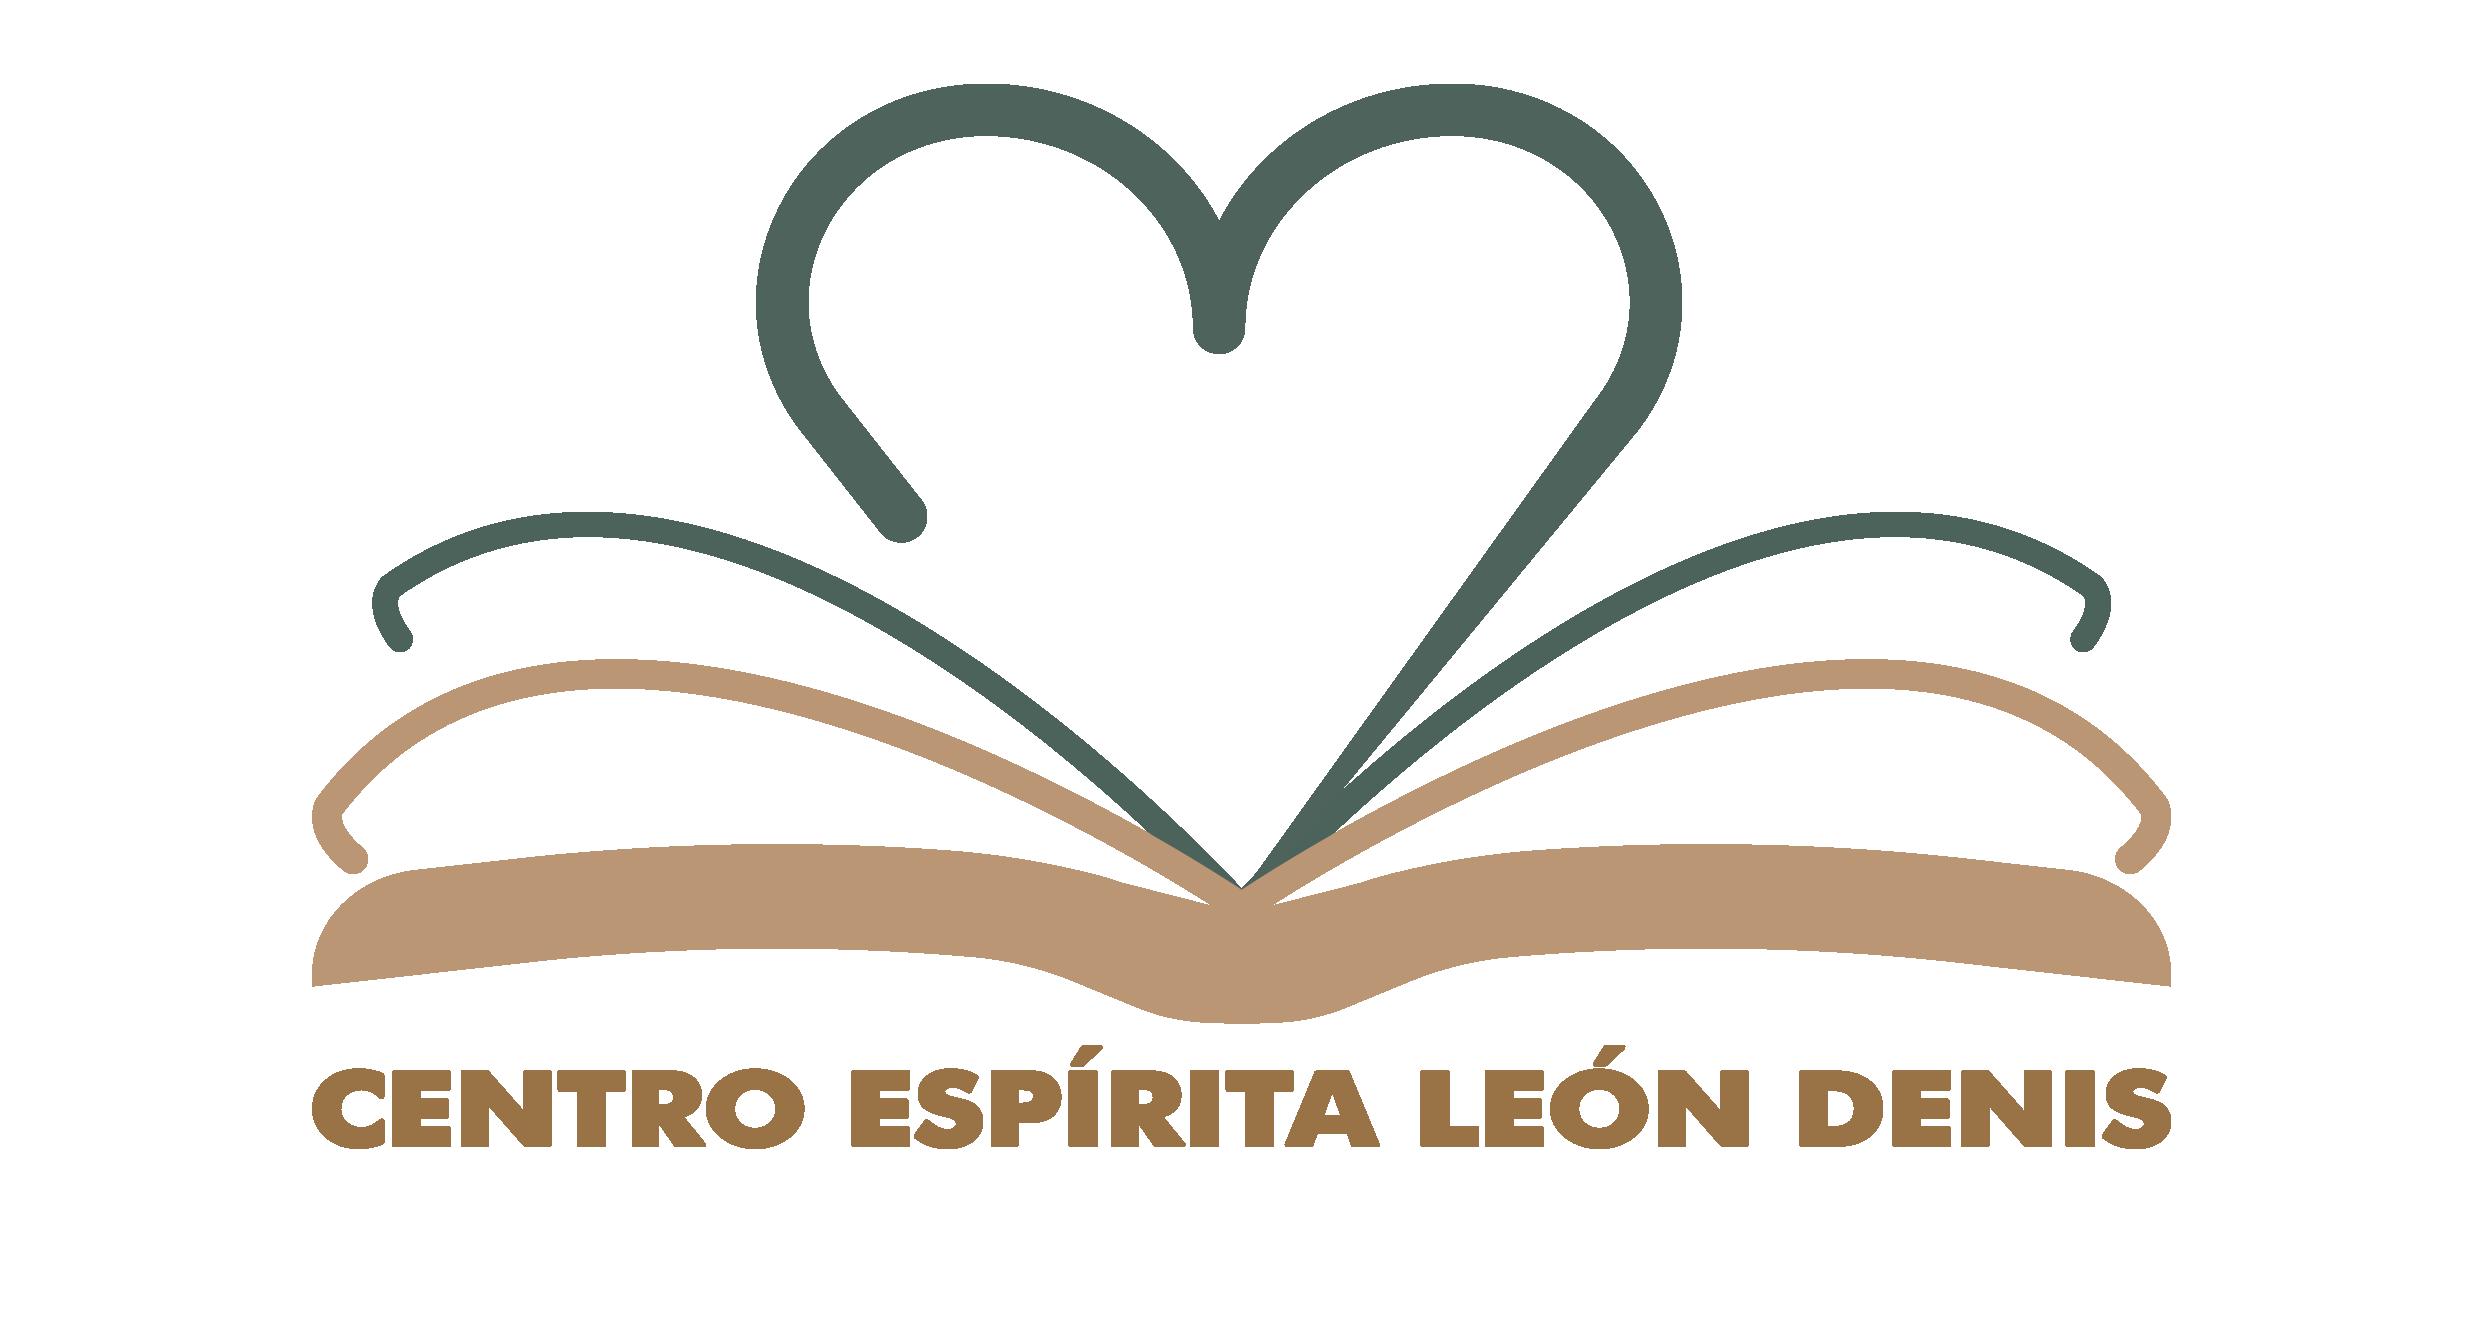 C. E. León Denis